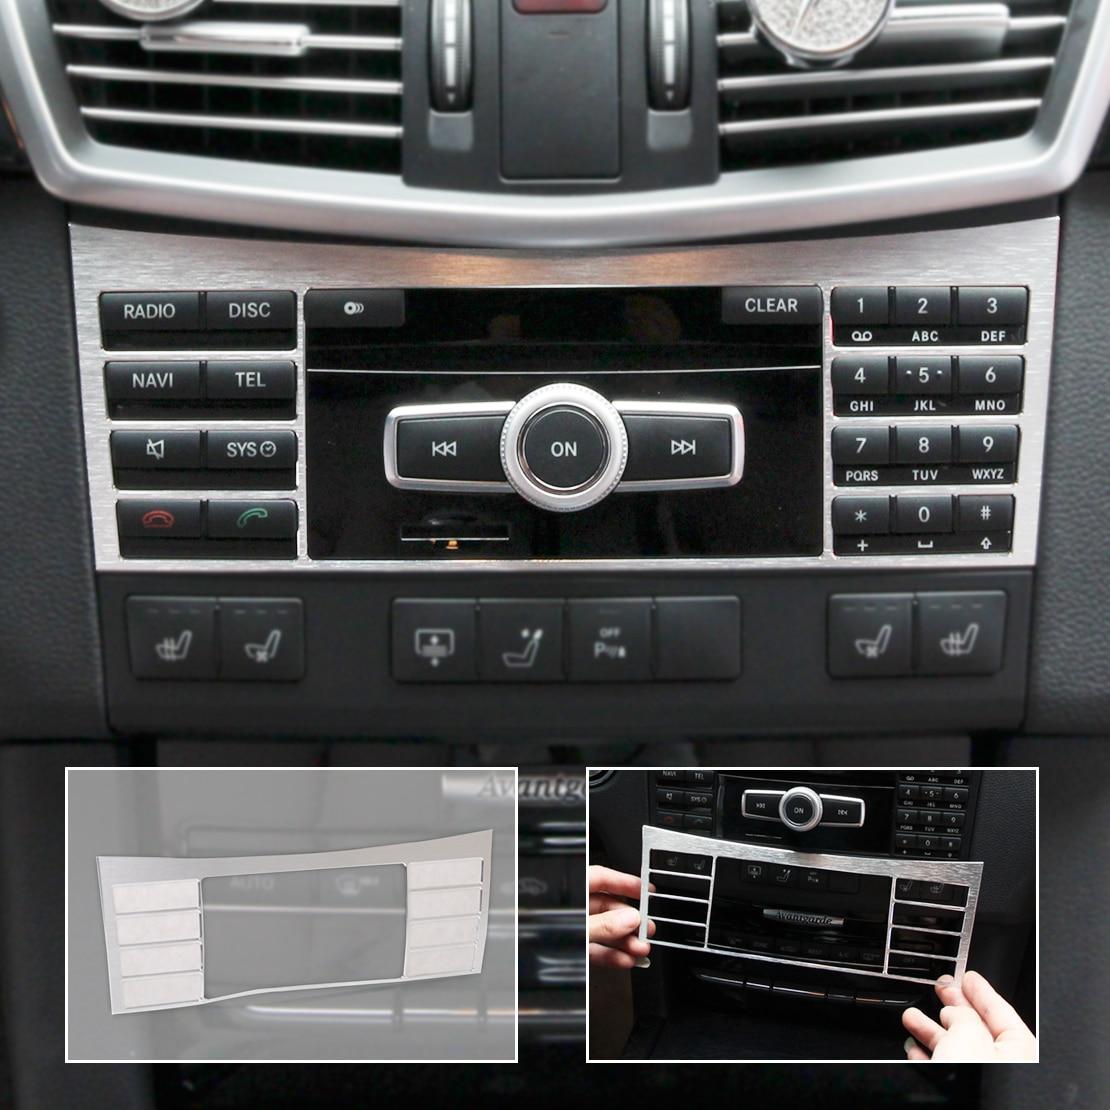 Beler Interior Console Central Botão Interruptor Do Painel Painel decorativo Guarnição Cobertura Para Mercedes Benz W212 Classe e 2010 2011 2012-2015